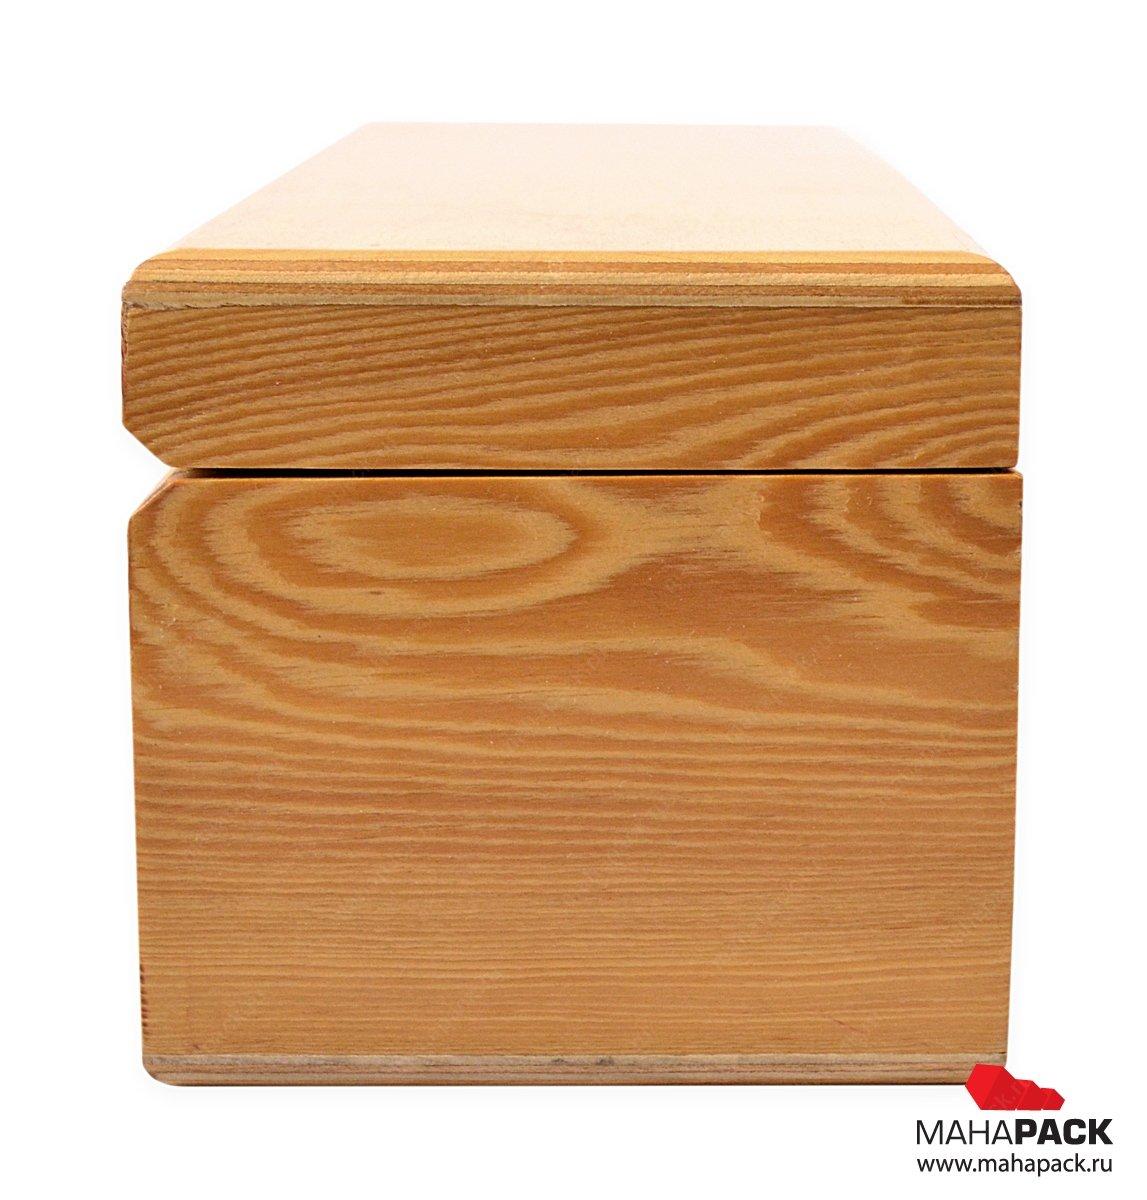 Деревянная упаковка на заказ